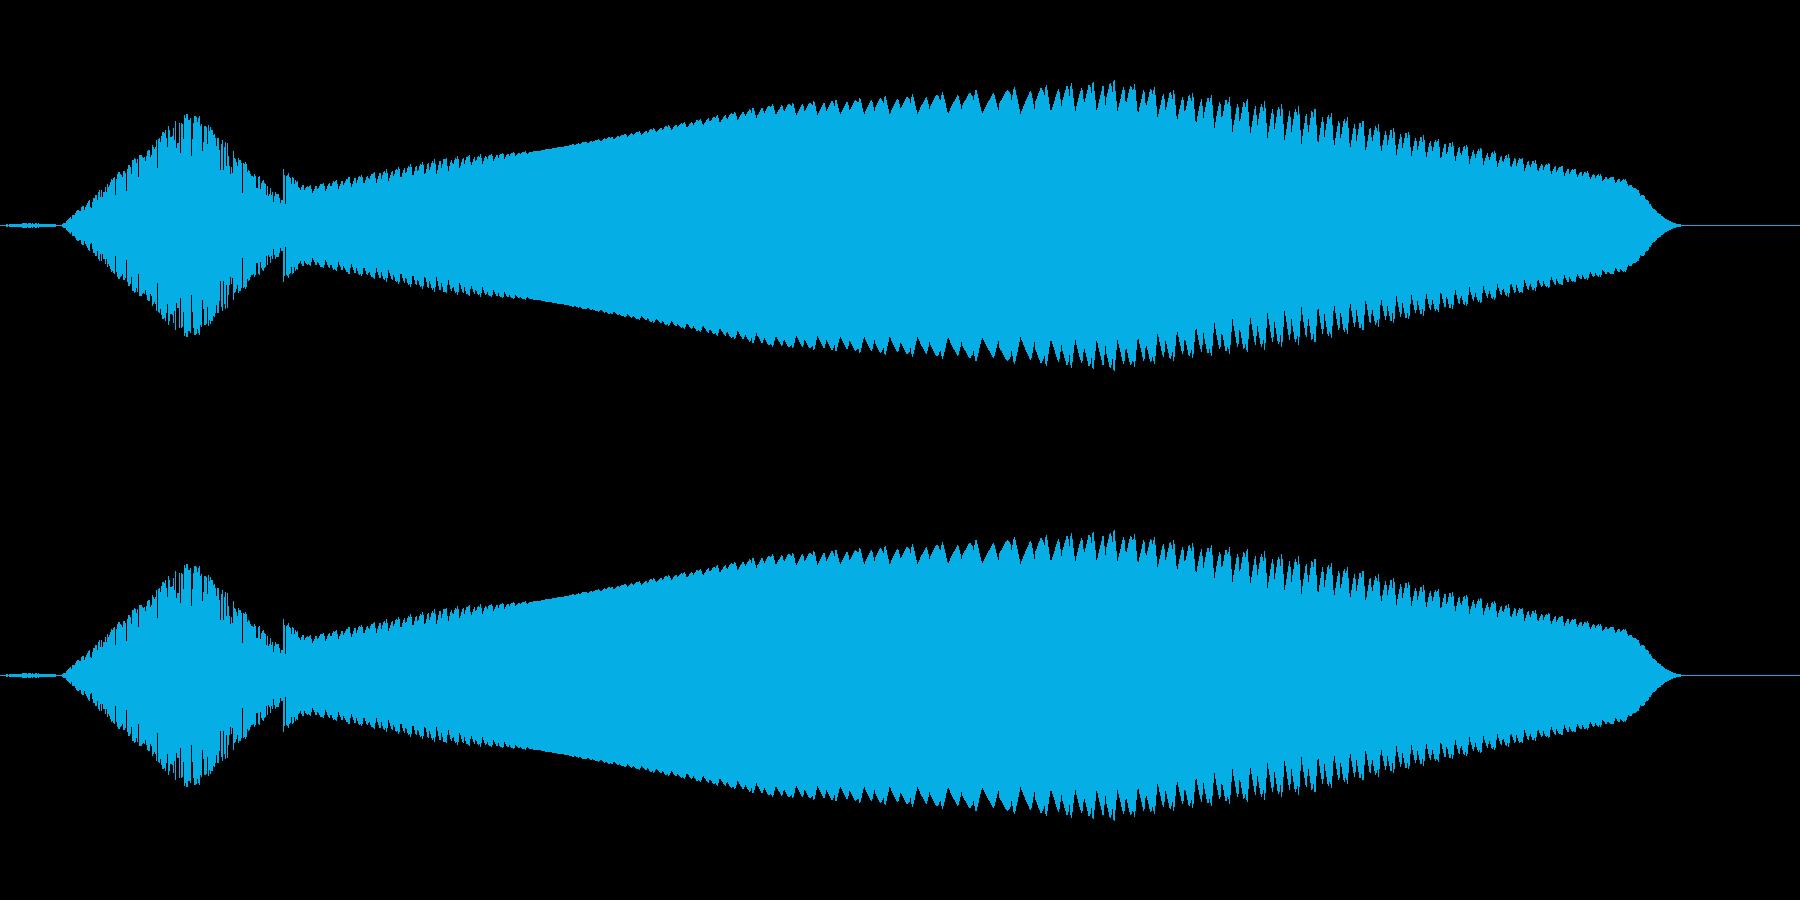 ピロピロ(不思議/ファミコン/SF宇宙の再生済みの波形